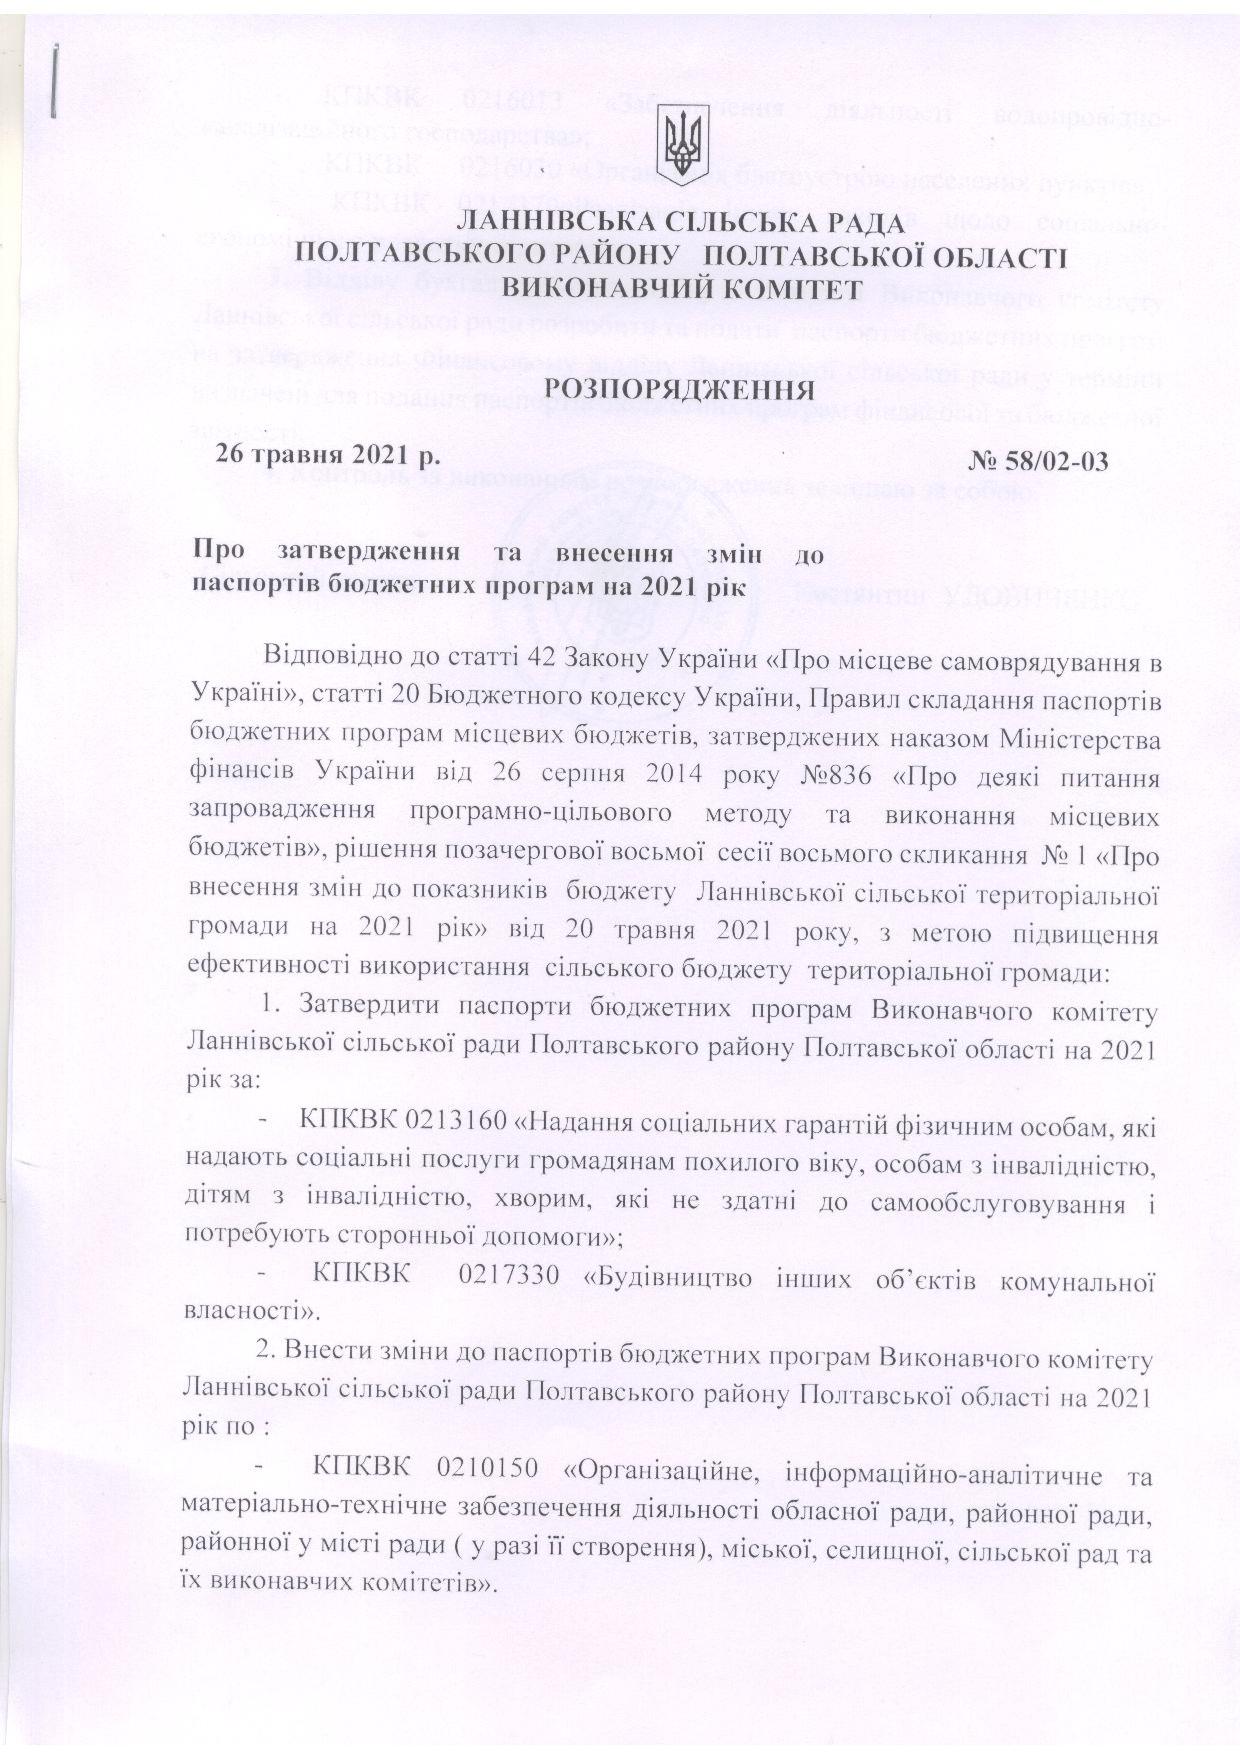 Розпорядження про затвердження змін до паспортів бюджетних програм на 2021 рік 26.05.2021